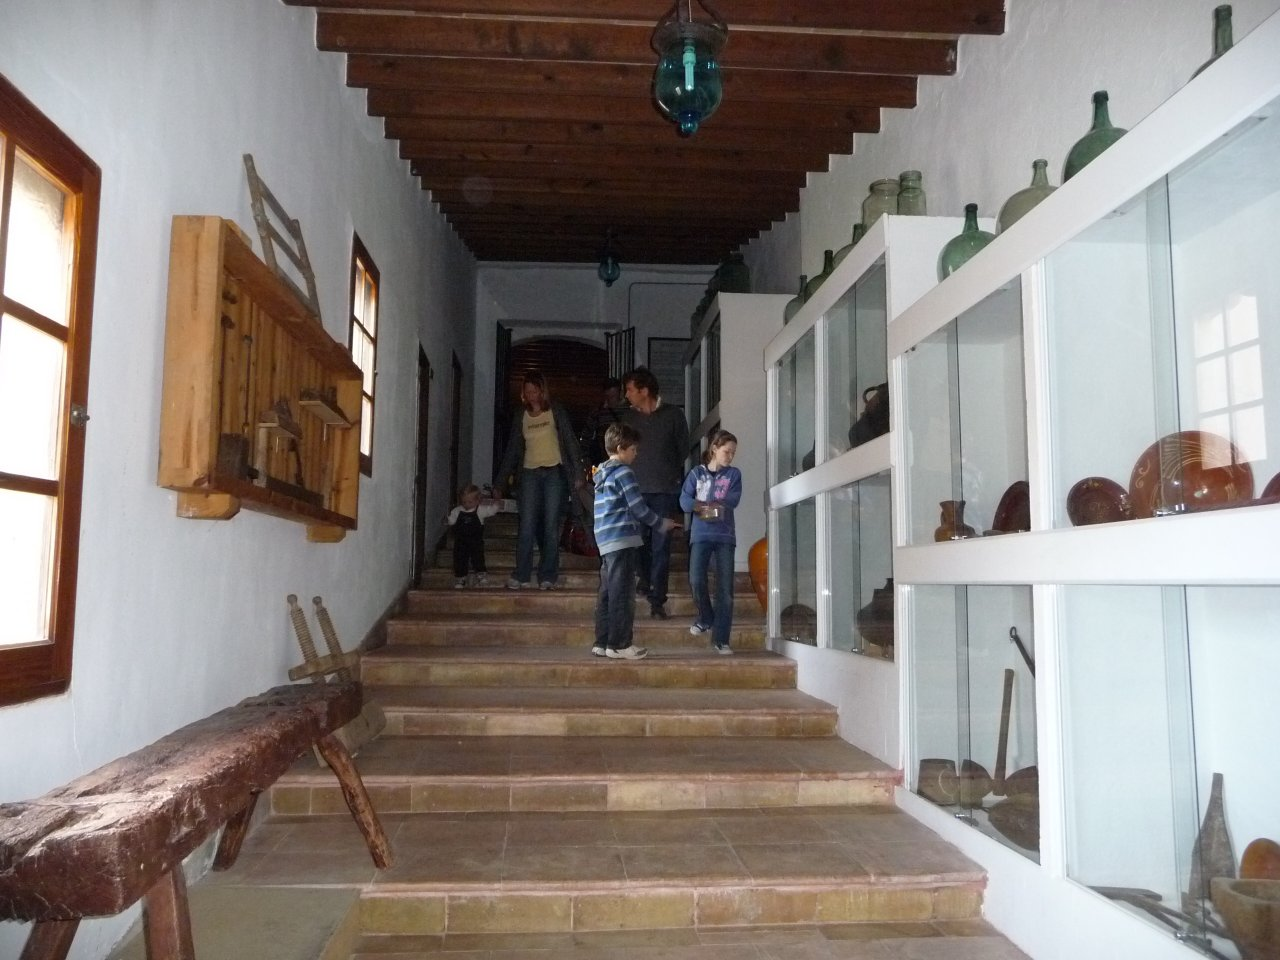 monastry puig maria corridor